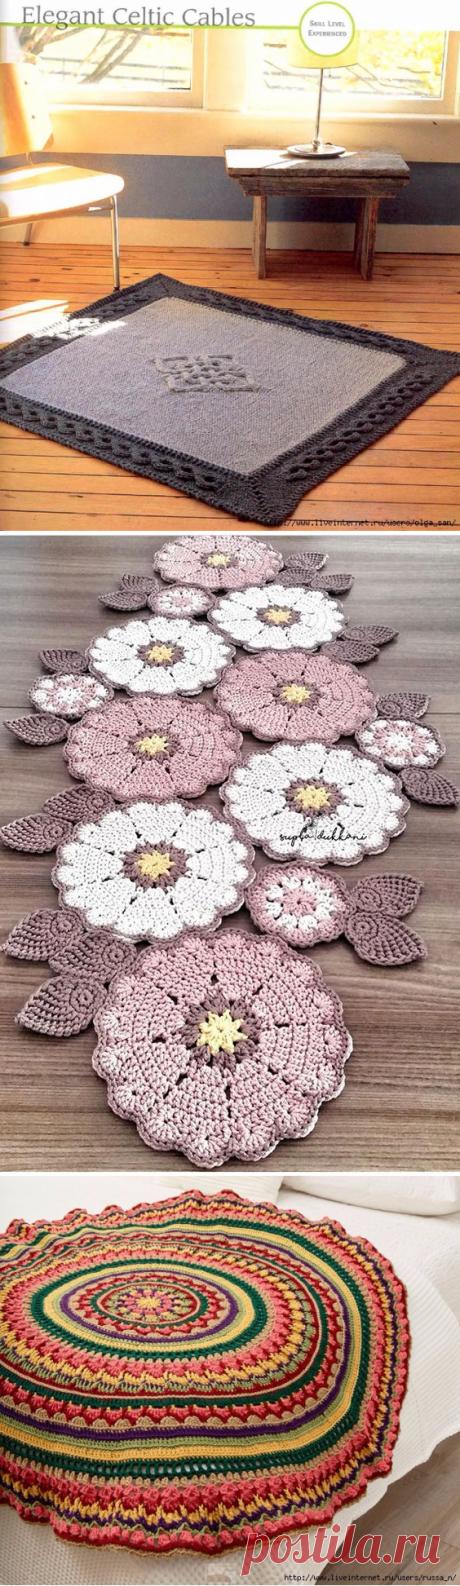 Вязание (ковры) | Записи в рубрике Вязание (ковры) | Дневник kusschen